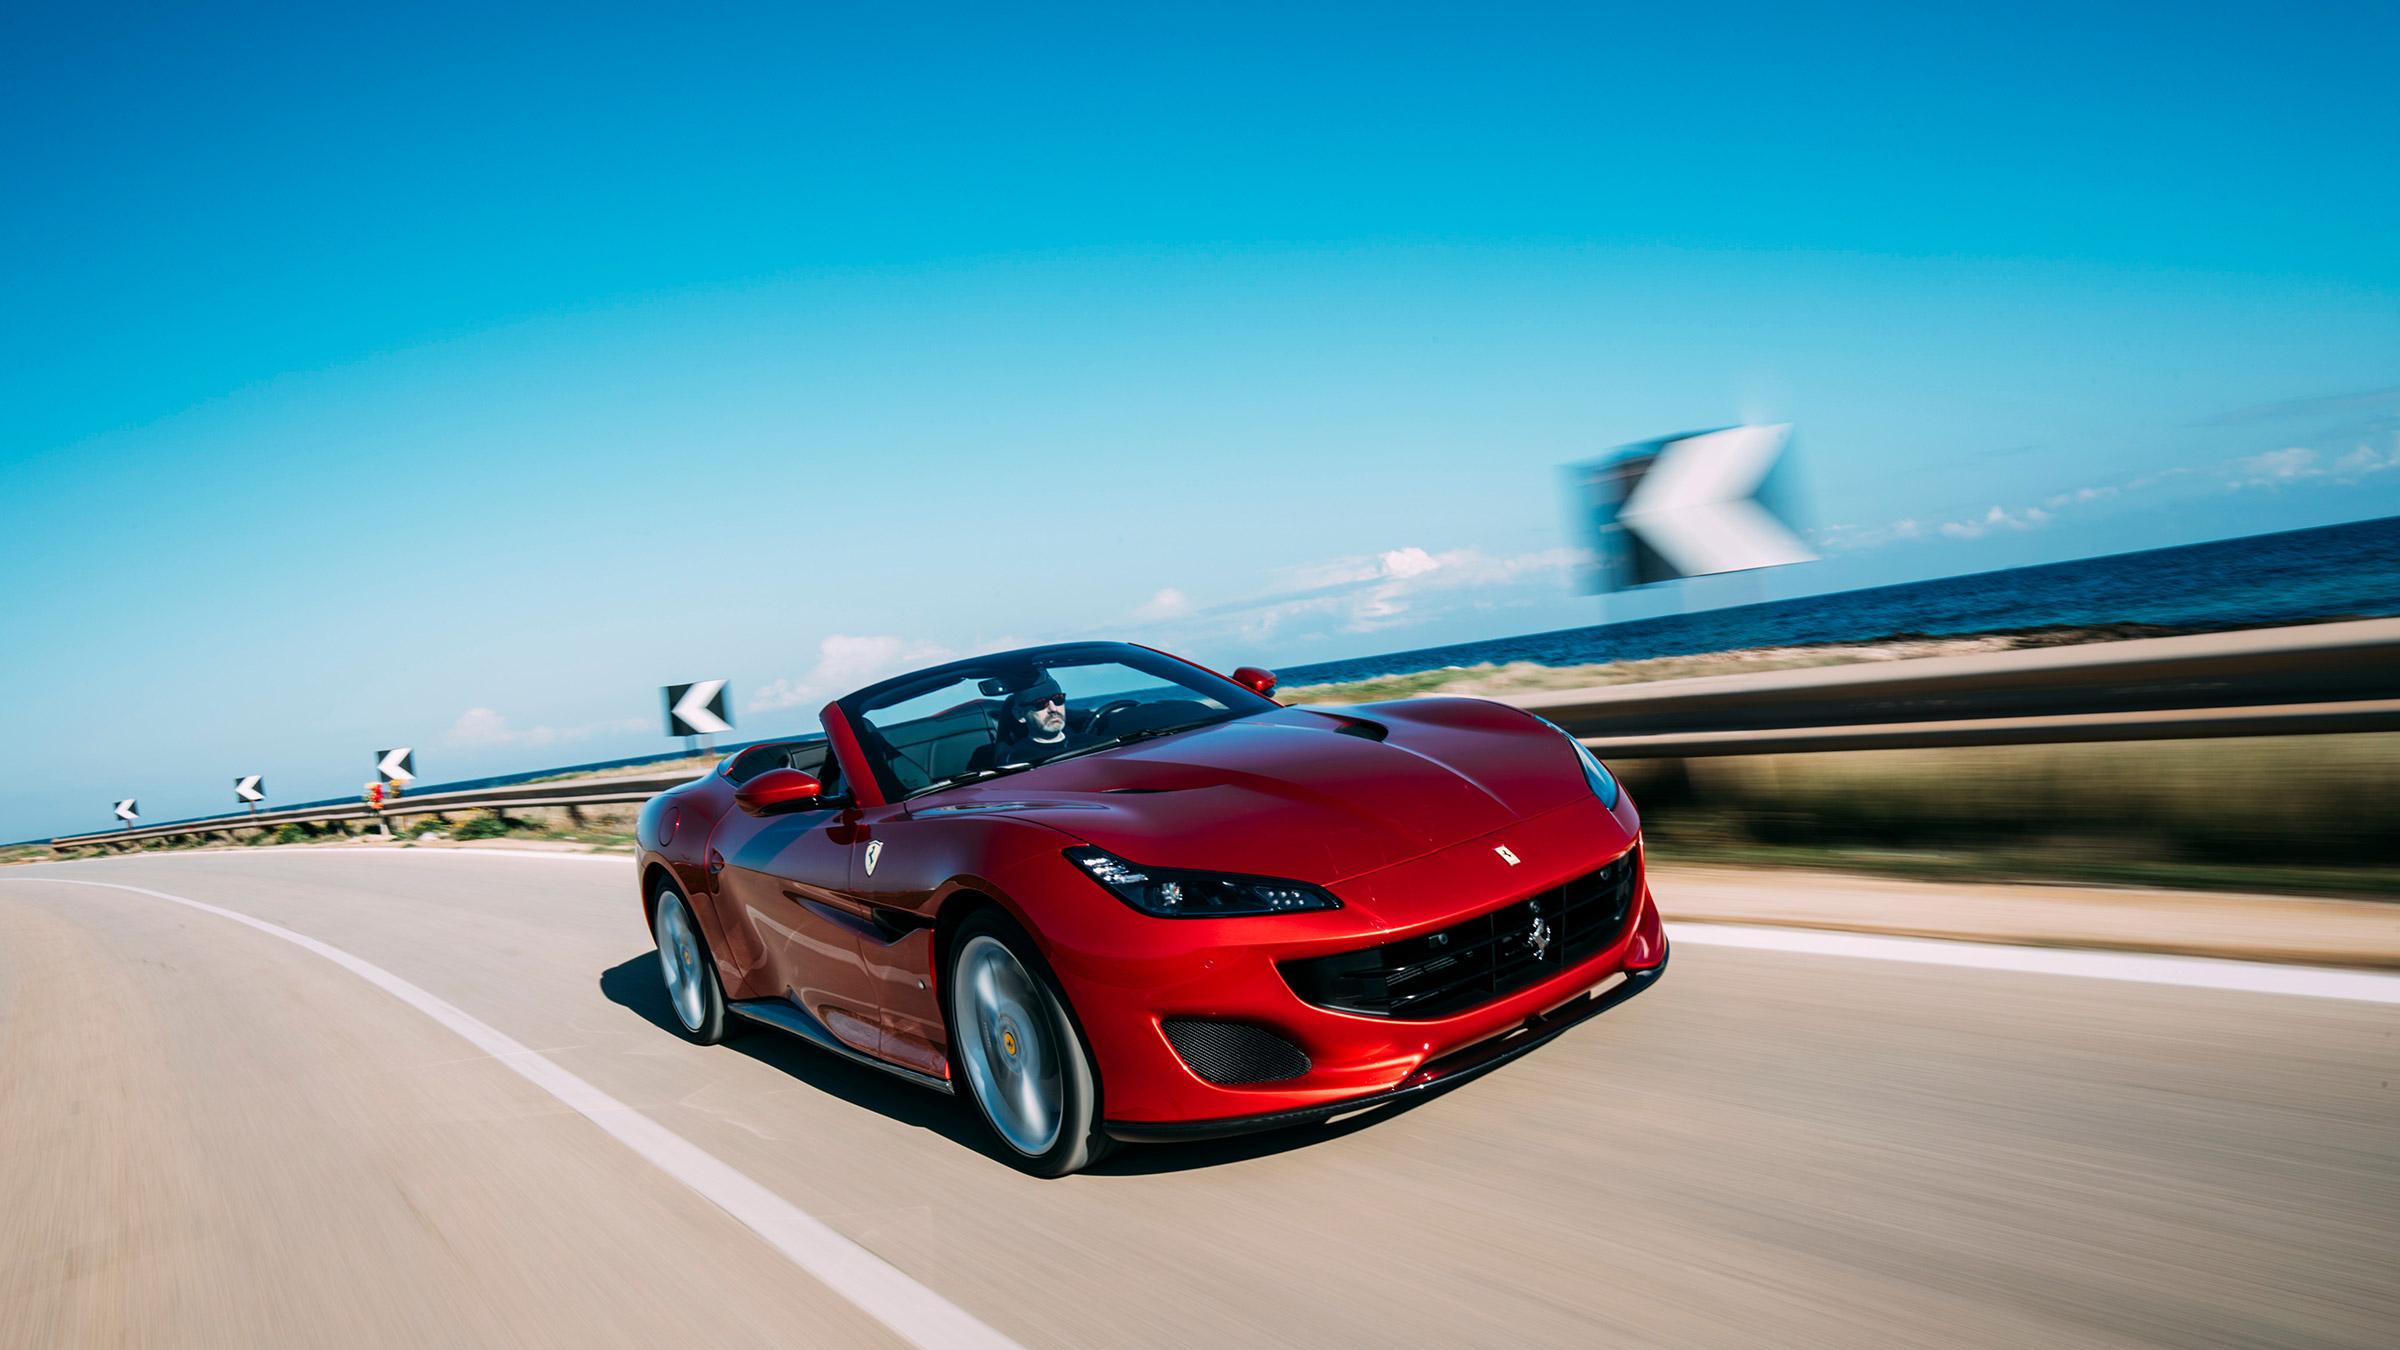 Ferrari Portofino 2020 Review How Does Ferrari S Entry Level Cabriolet Stack Up Evo